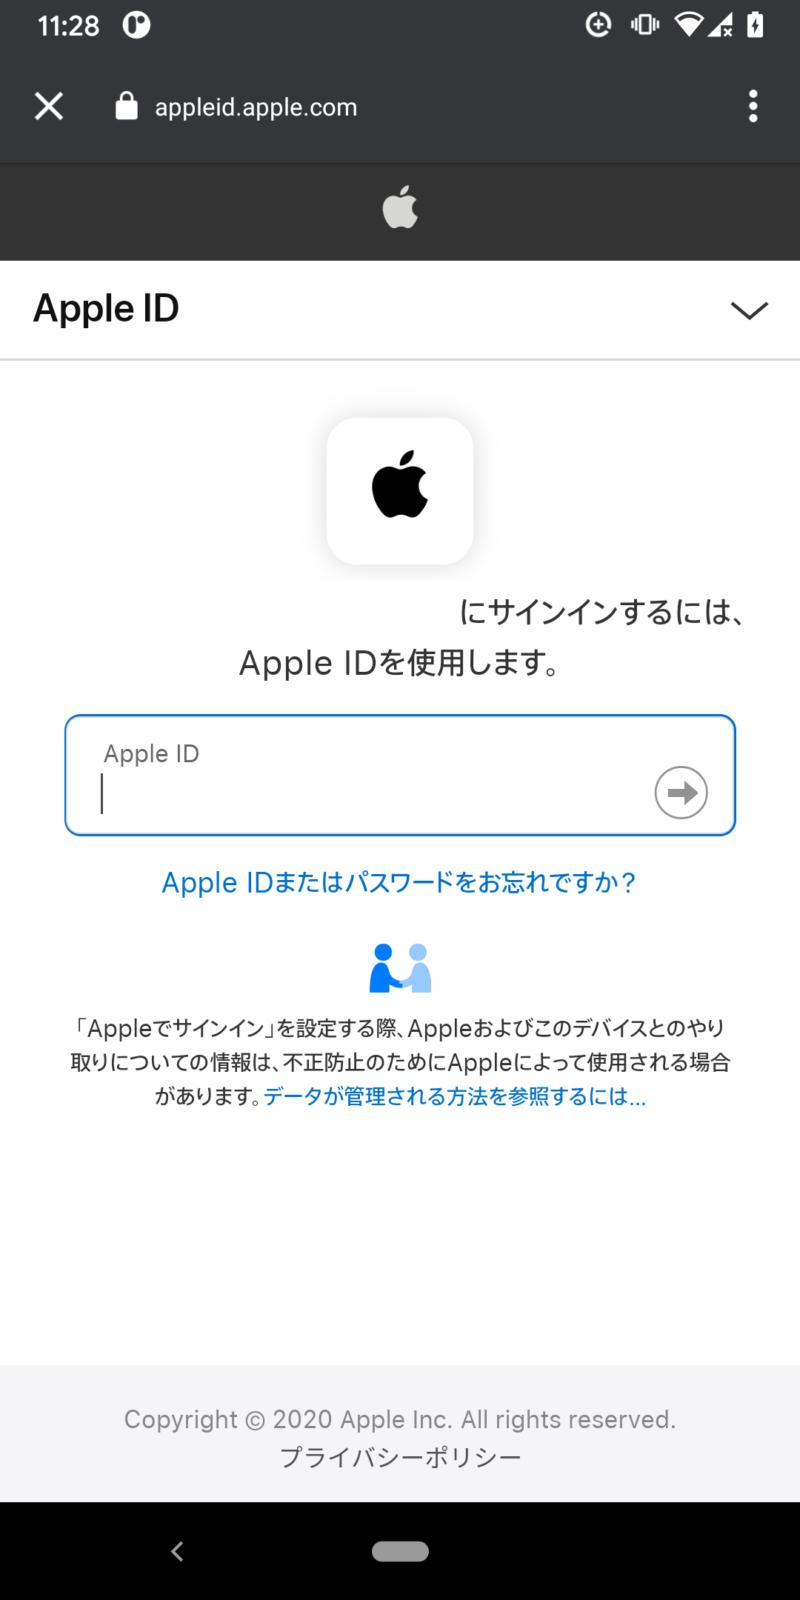 AndroidでSignInWithAppleを行うためのブラウザ